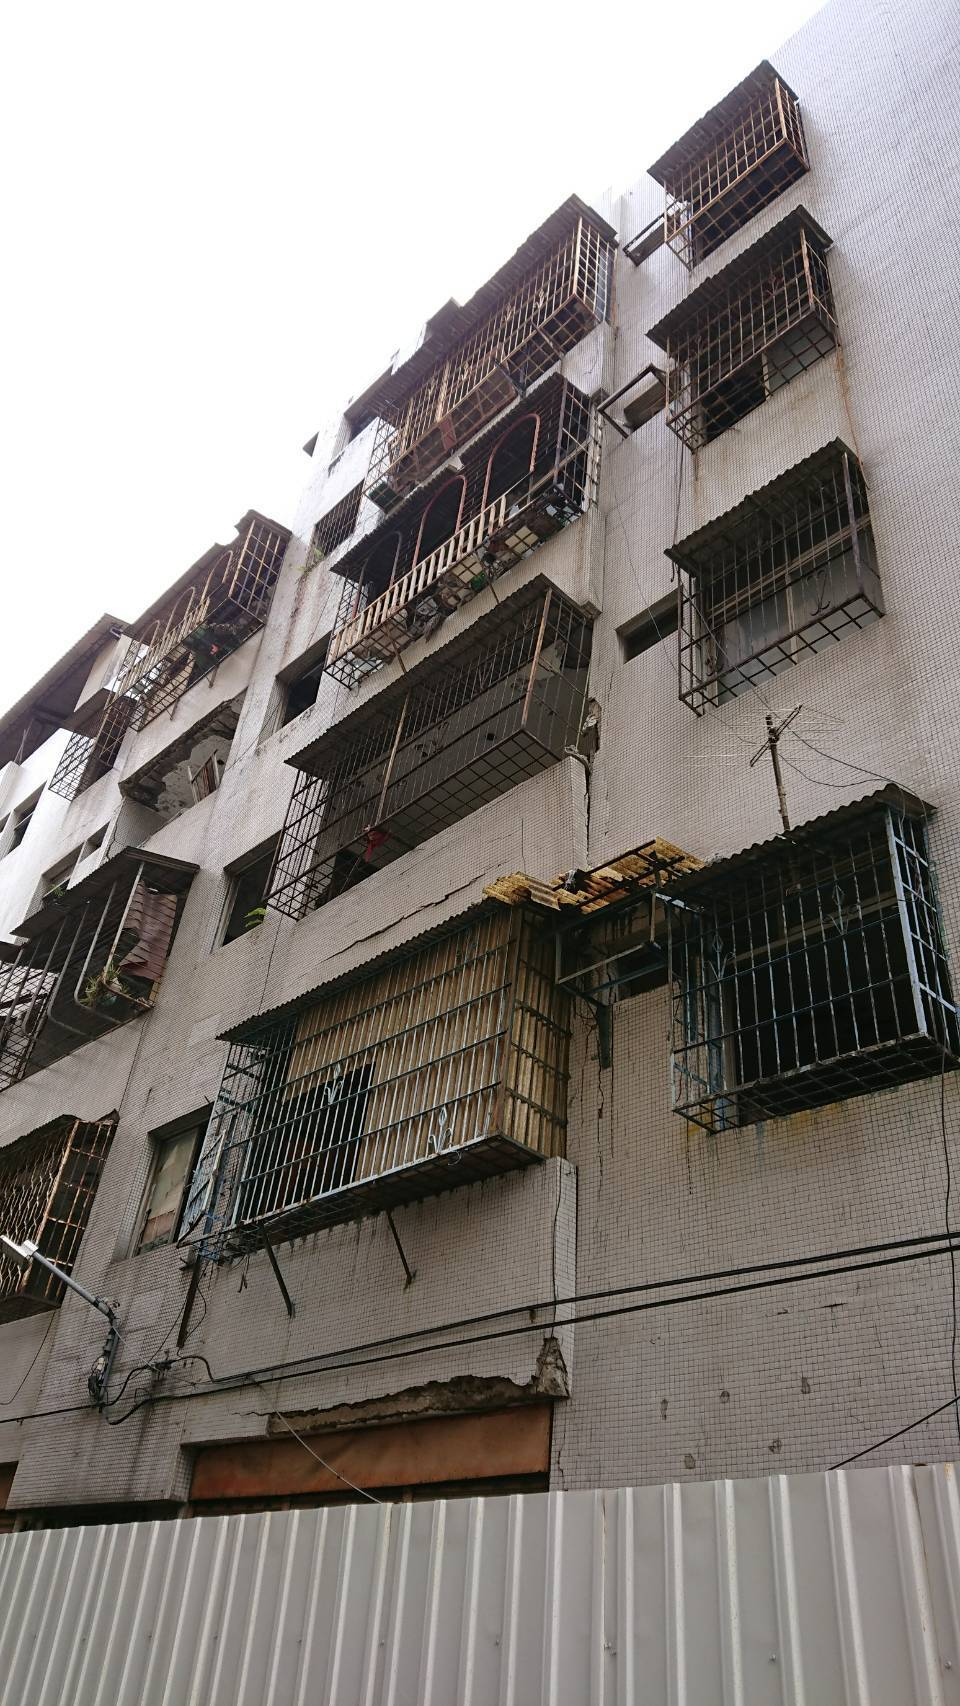 新北市政府昨正式發布「都市更新權利變換實施者申請拆除或遷移土地改良物辦法」,實施...